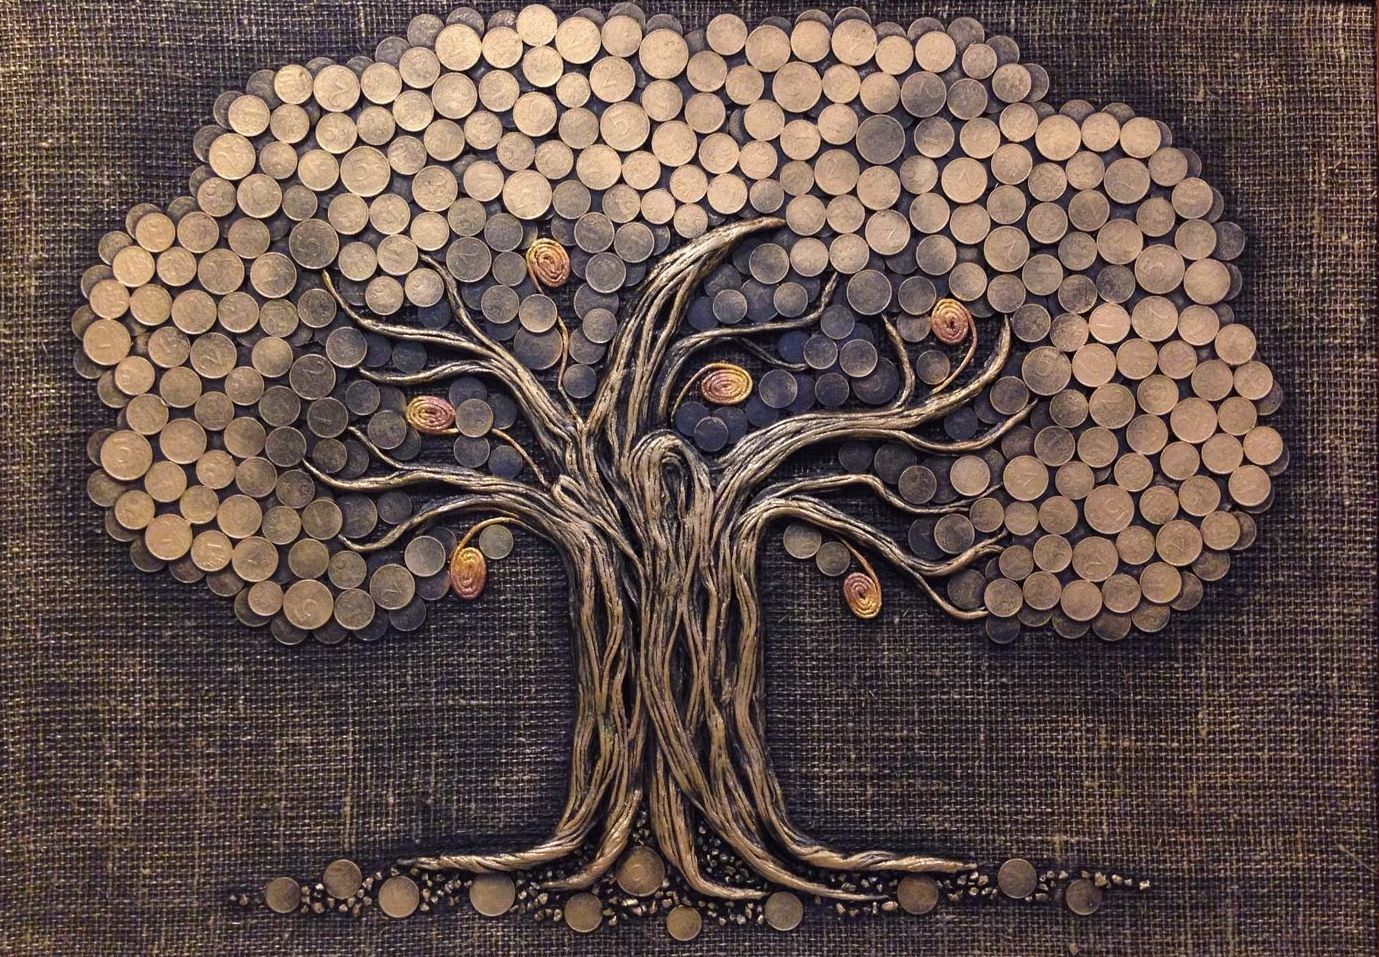 Мастер-класс по созданию денежного дерева из монет своими руками: топиарий с кофе и другие поделки